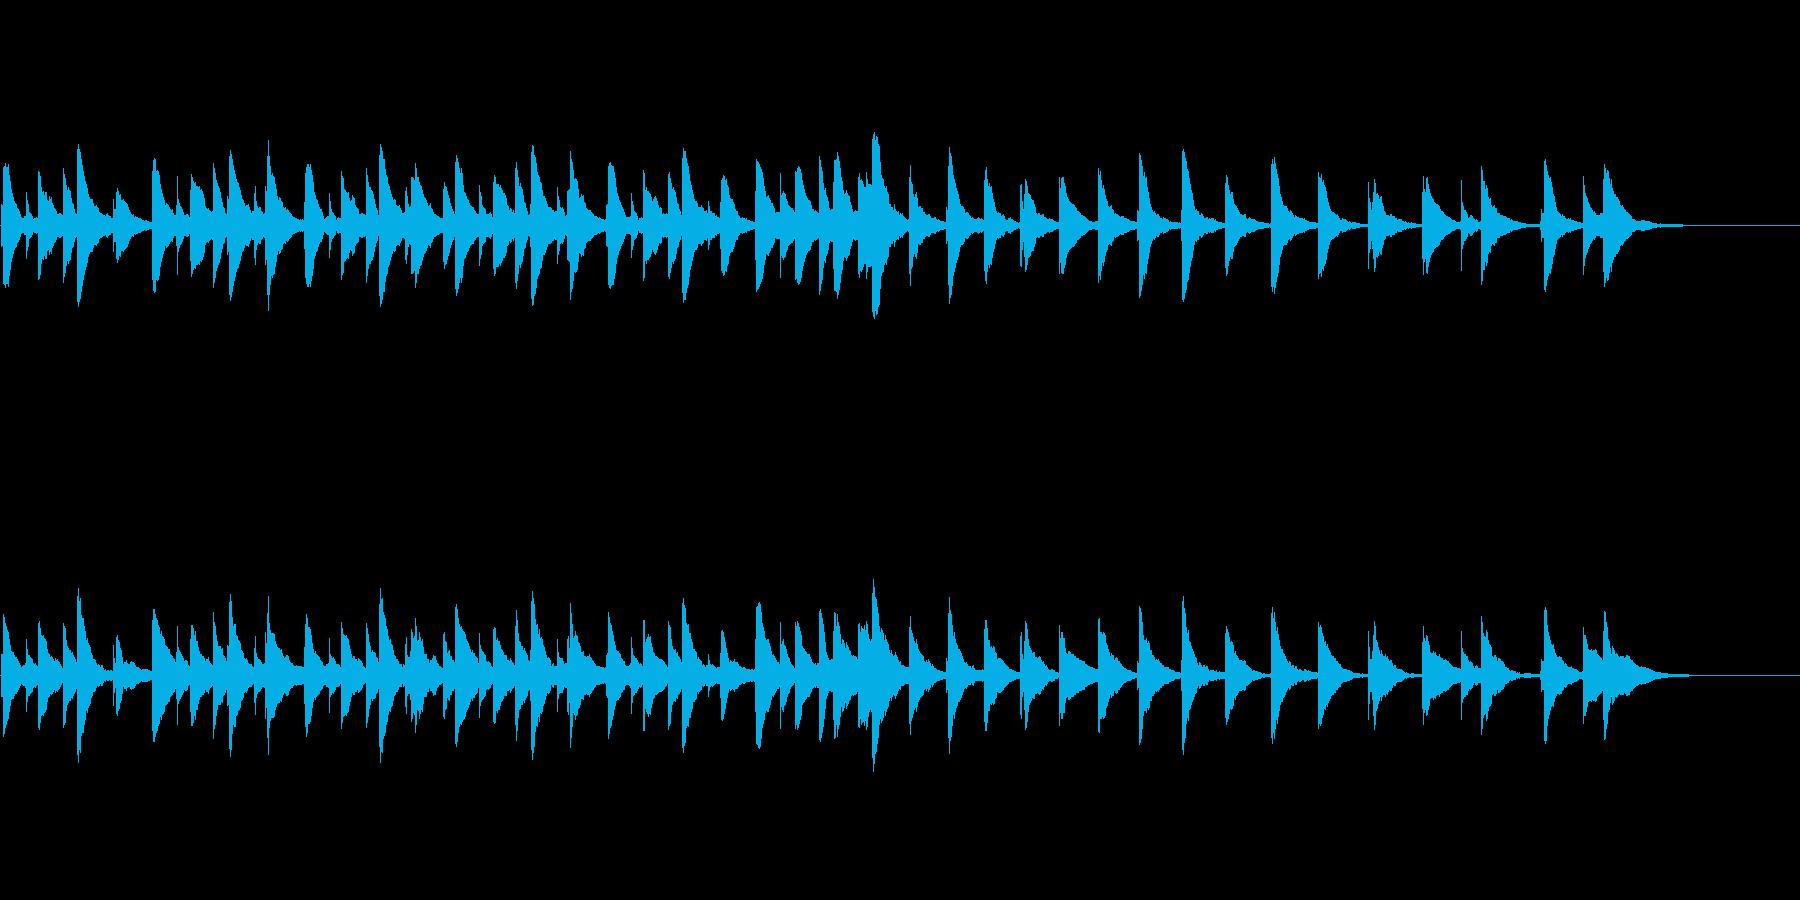 和風メロディのオルゴールの再生済みの波形